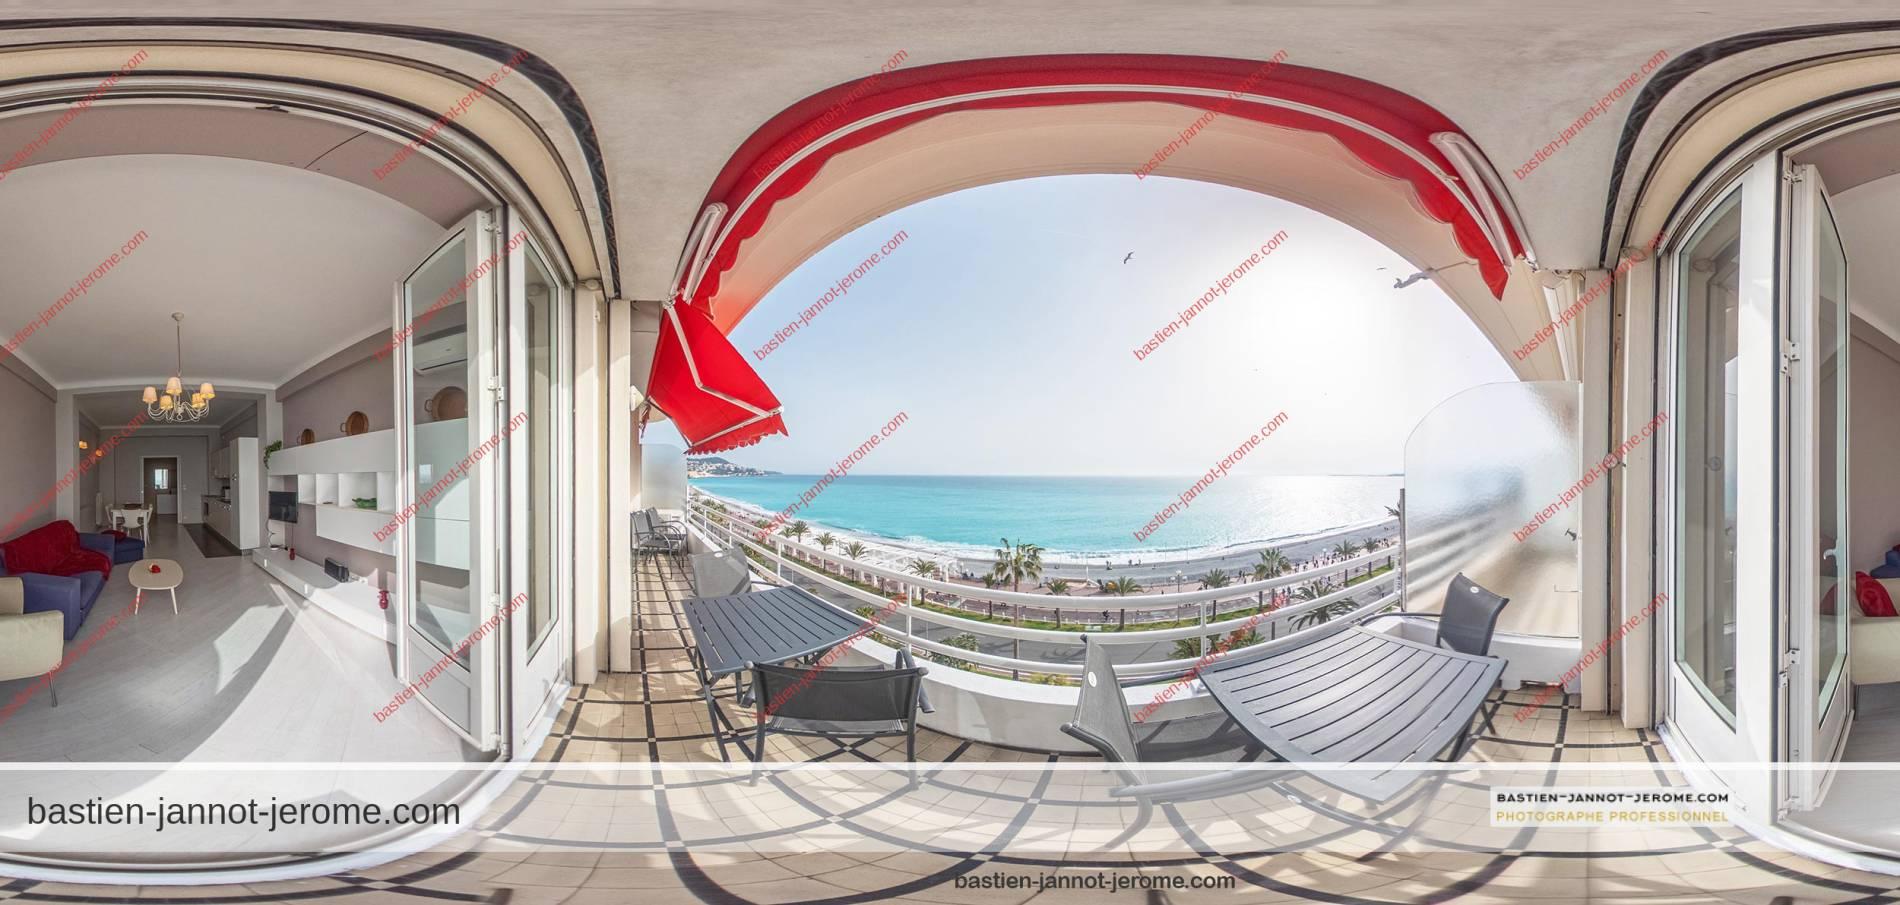 photographe visite virtuelle 360 Nice cote d'azur